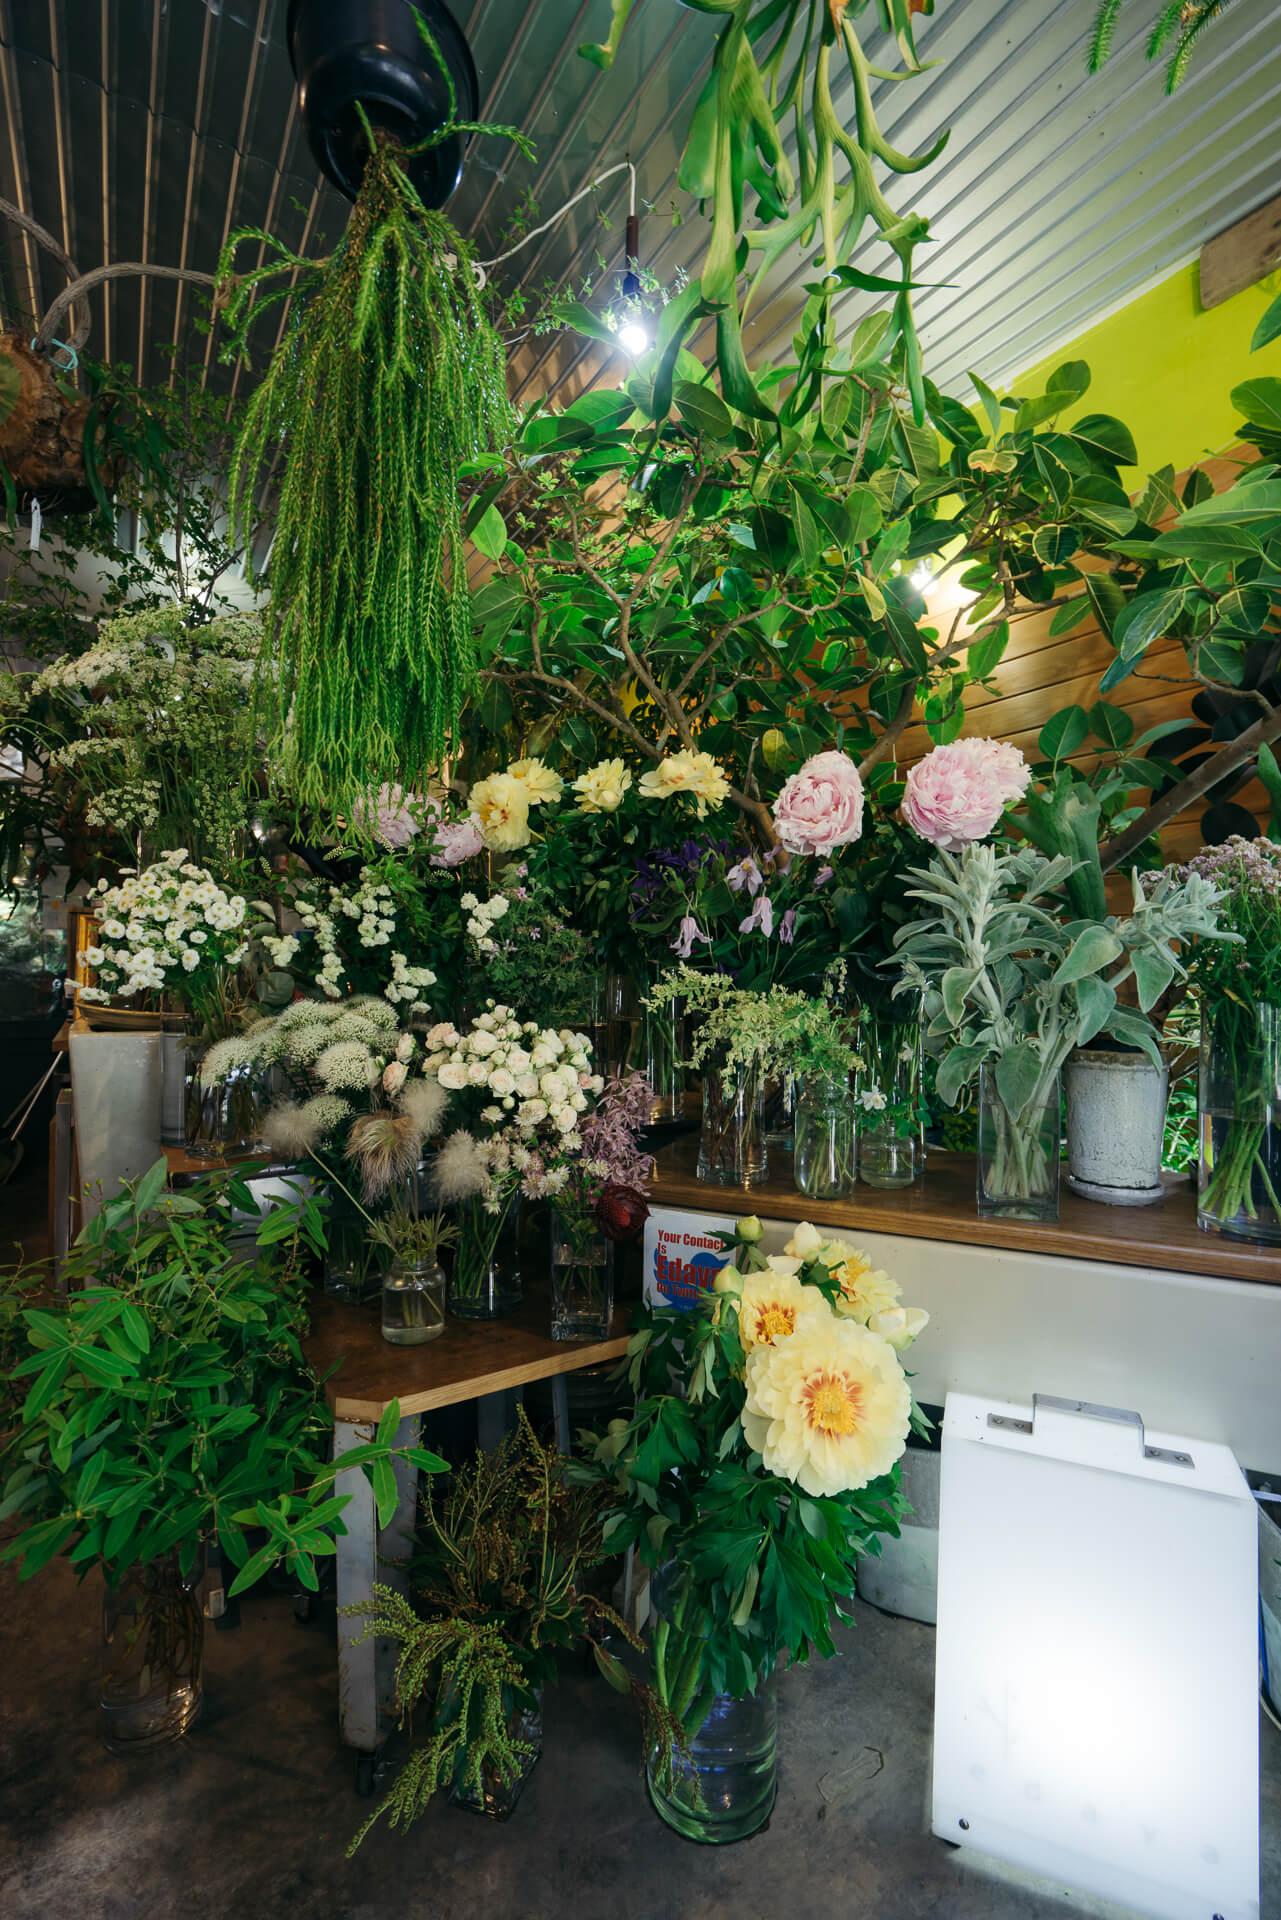 店内には、切り花のほか、かなり大きめの観葉植物、天井からつり下がったコウモリランなどが飾られ、ちょっと迫力ある空間です。